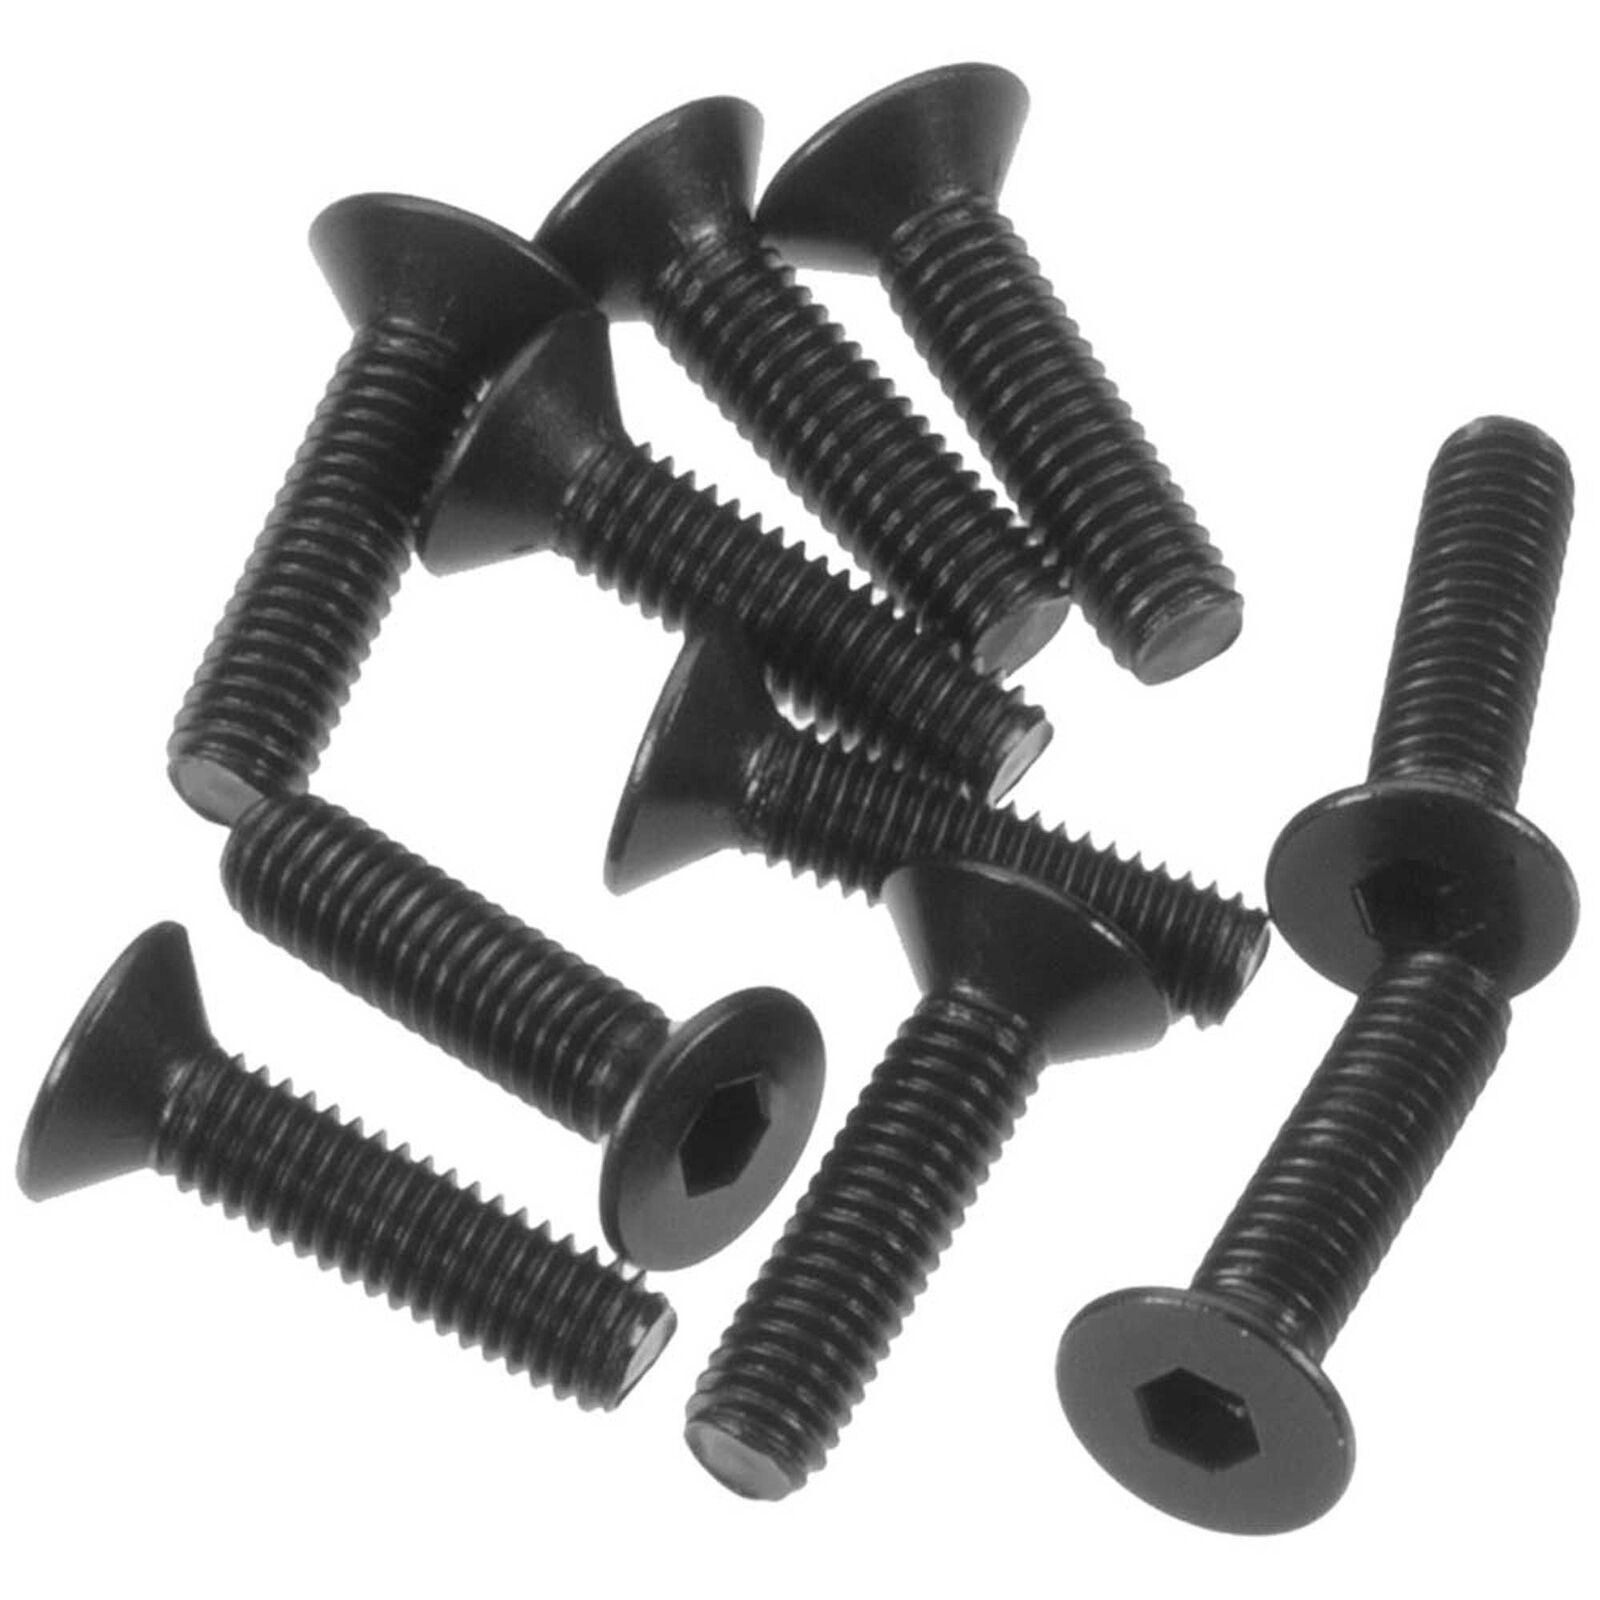 Flat Head Screw 3x12mm (10)